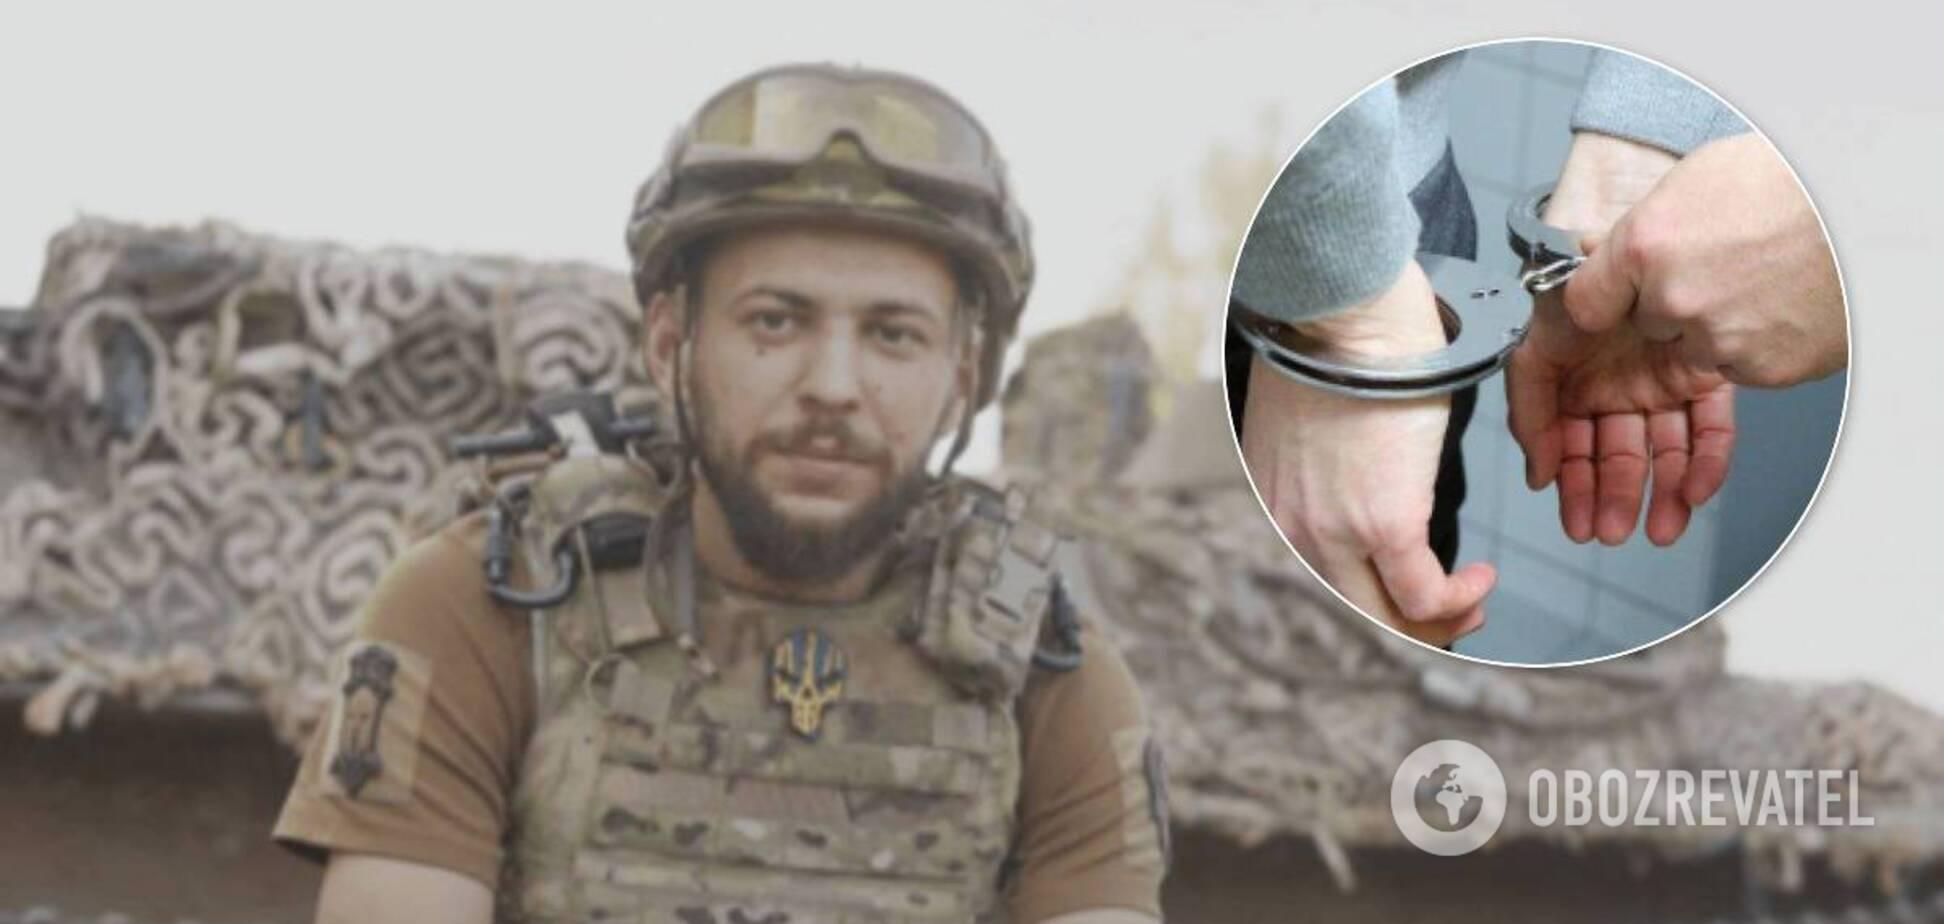 Смертельное избиение бойца 'Азова': суд Запорожья арестовал подозреваемого